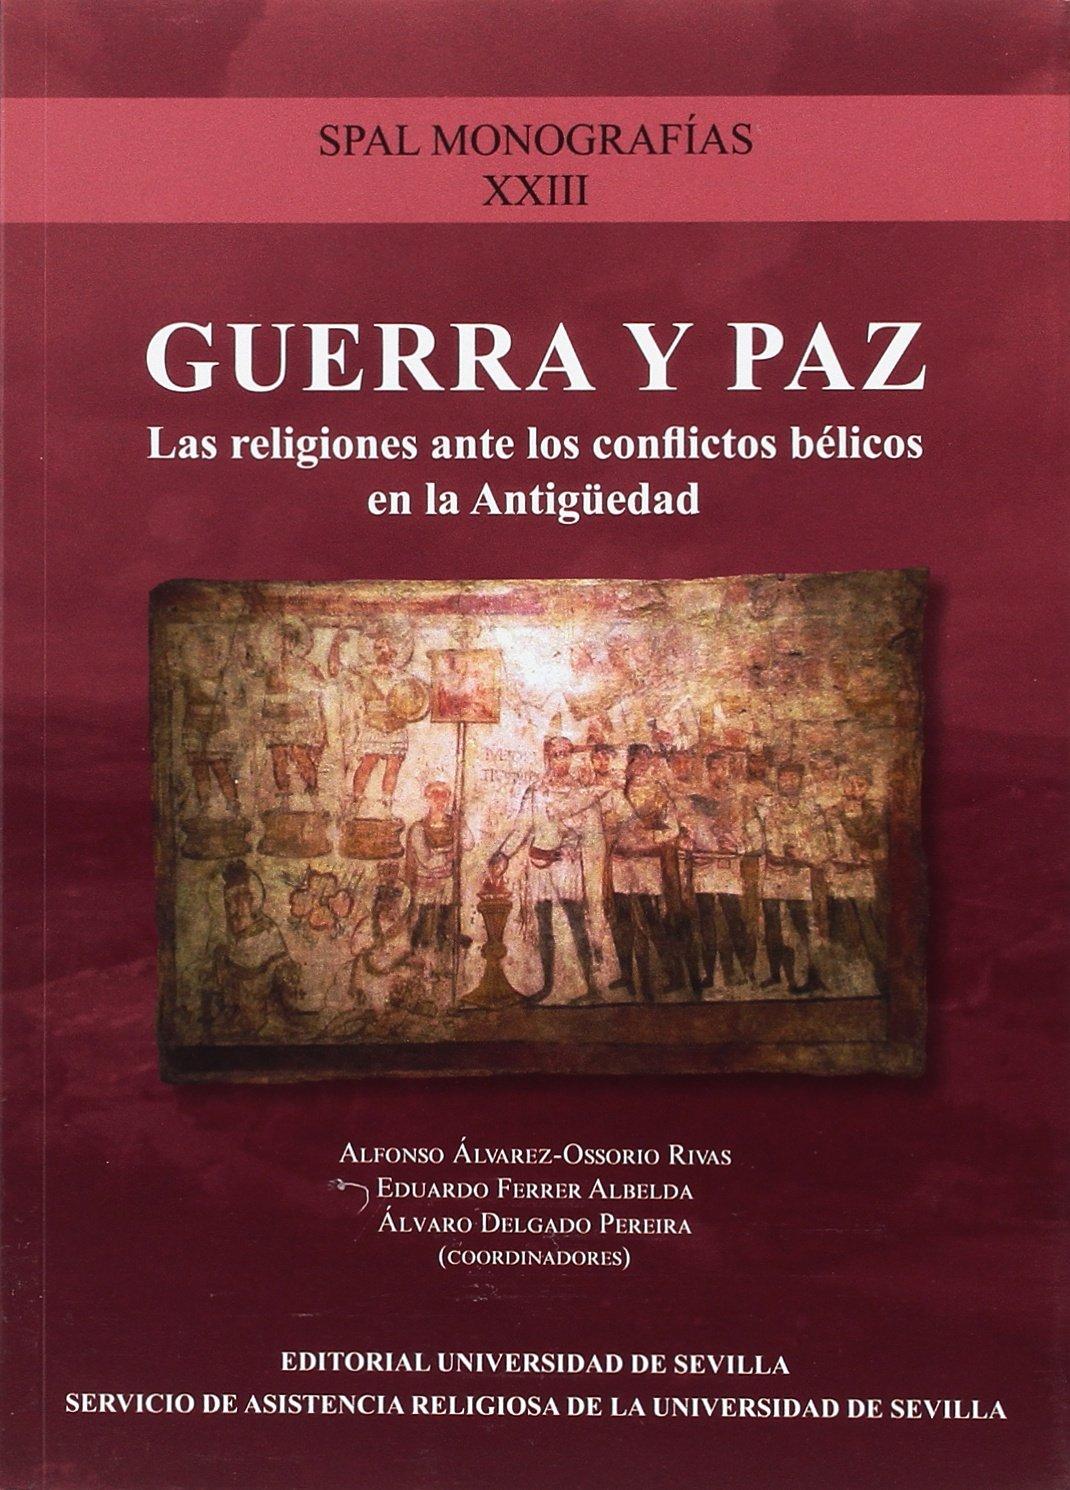 GUERRA Y PAZ (SPAL Monografías Arqueología): Amazon.es ...